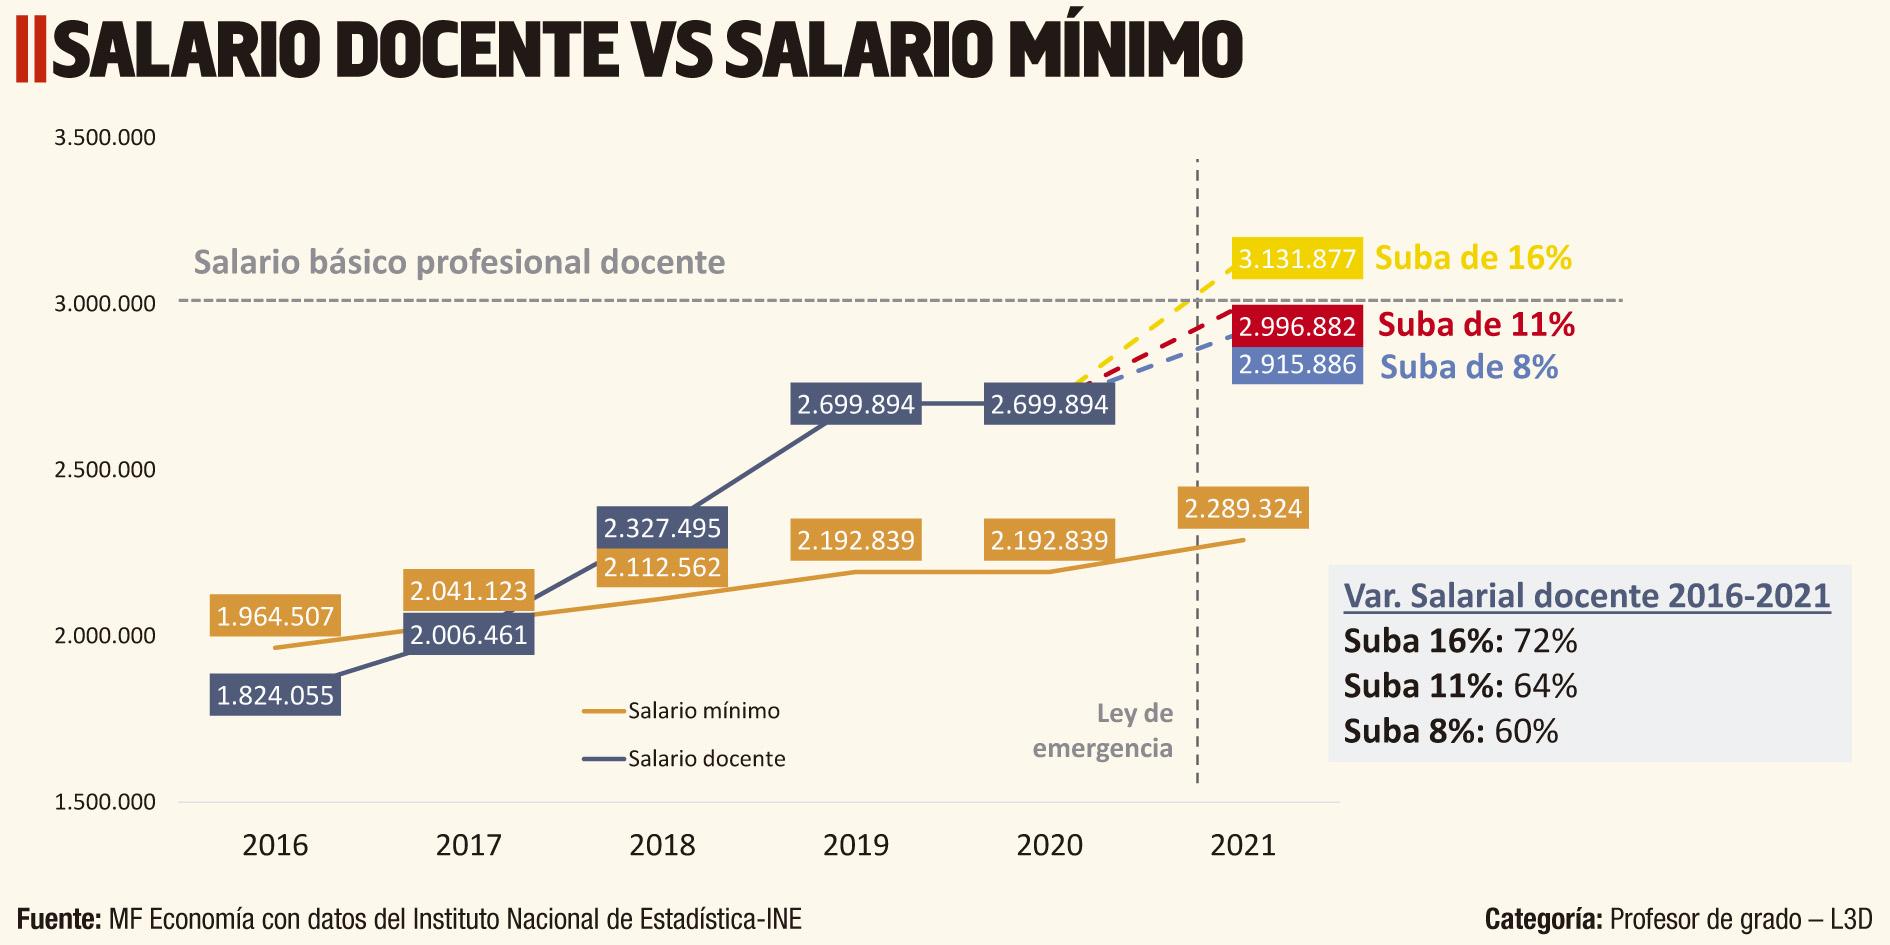 SALARIO DOCENTE VS SALARIO MÍNIMO